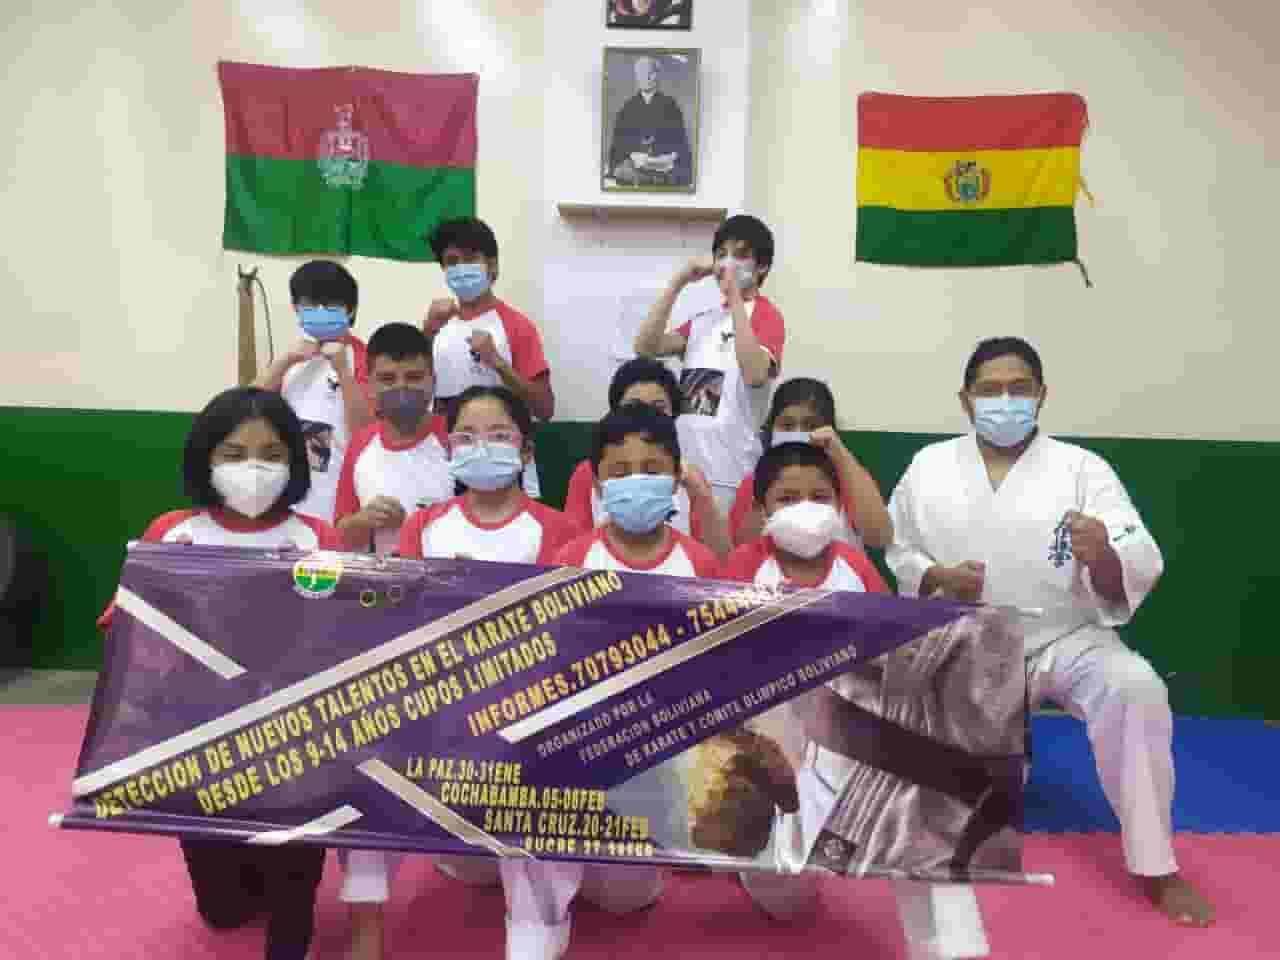 Torneos de Karate en Bolivia